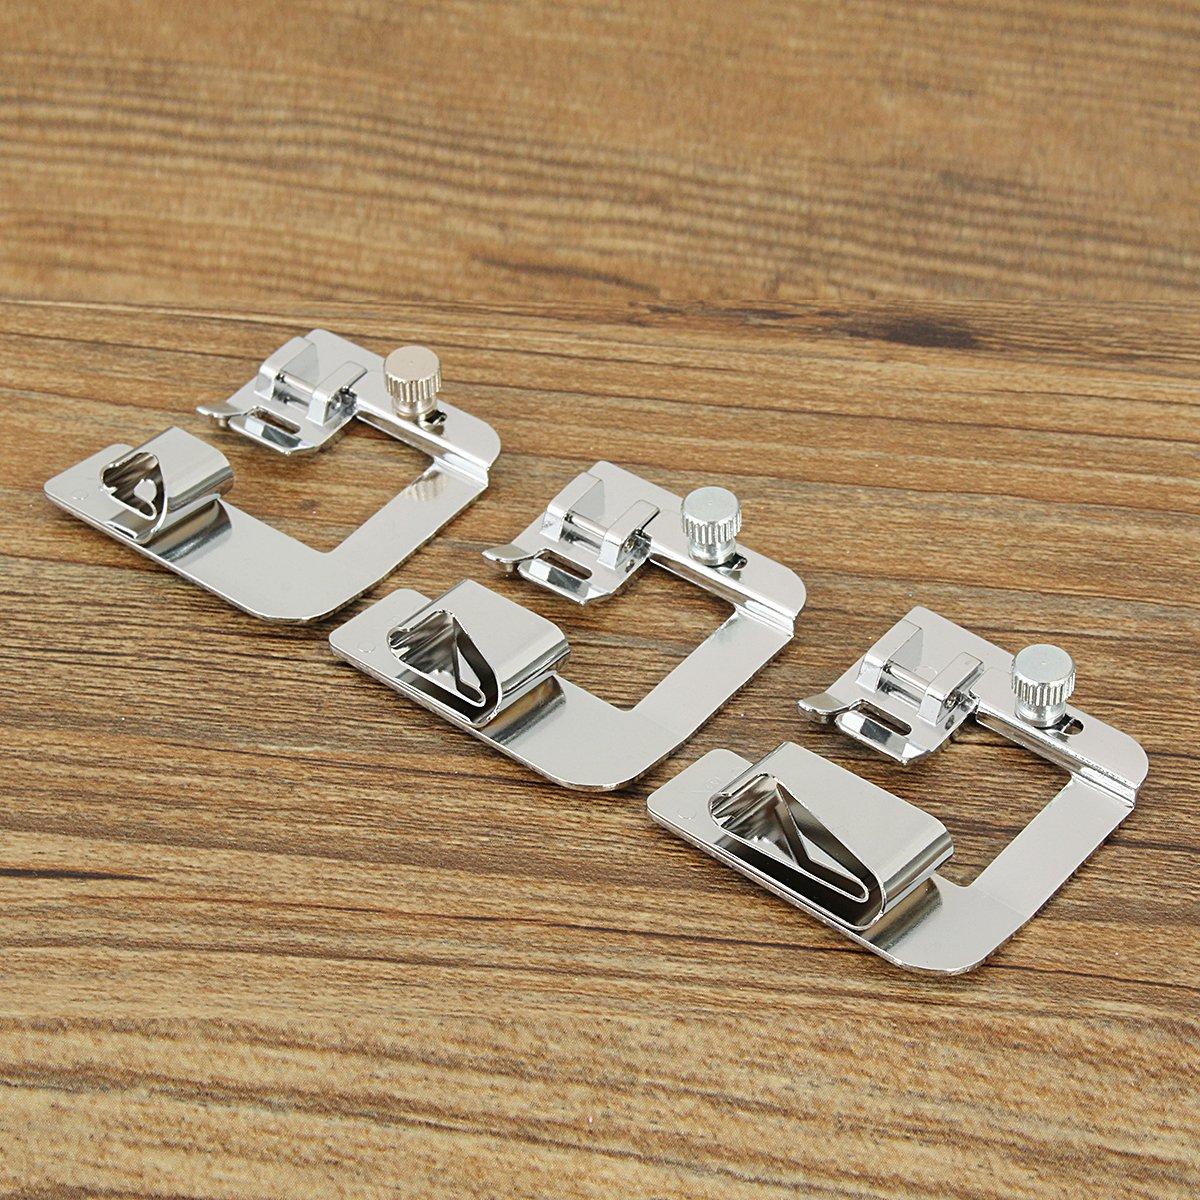 king do way 3 Pcs Pieds-de-Biche Multifonctionnel pour Machine /à Coudre Couture Accessoires Remplacements 12//18//25mm